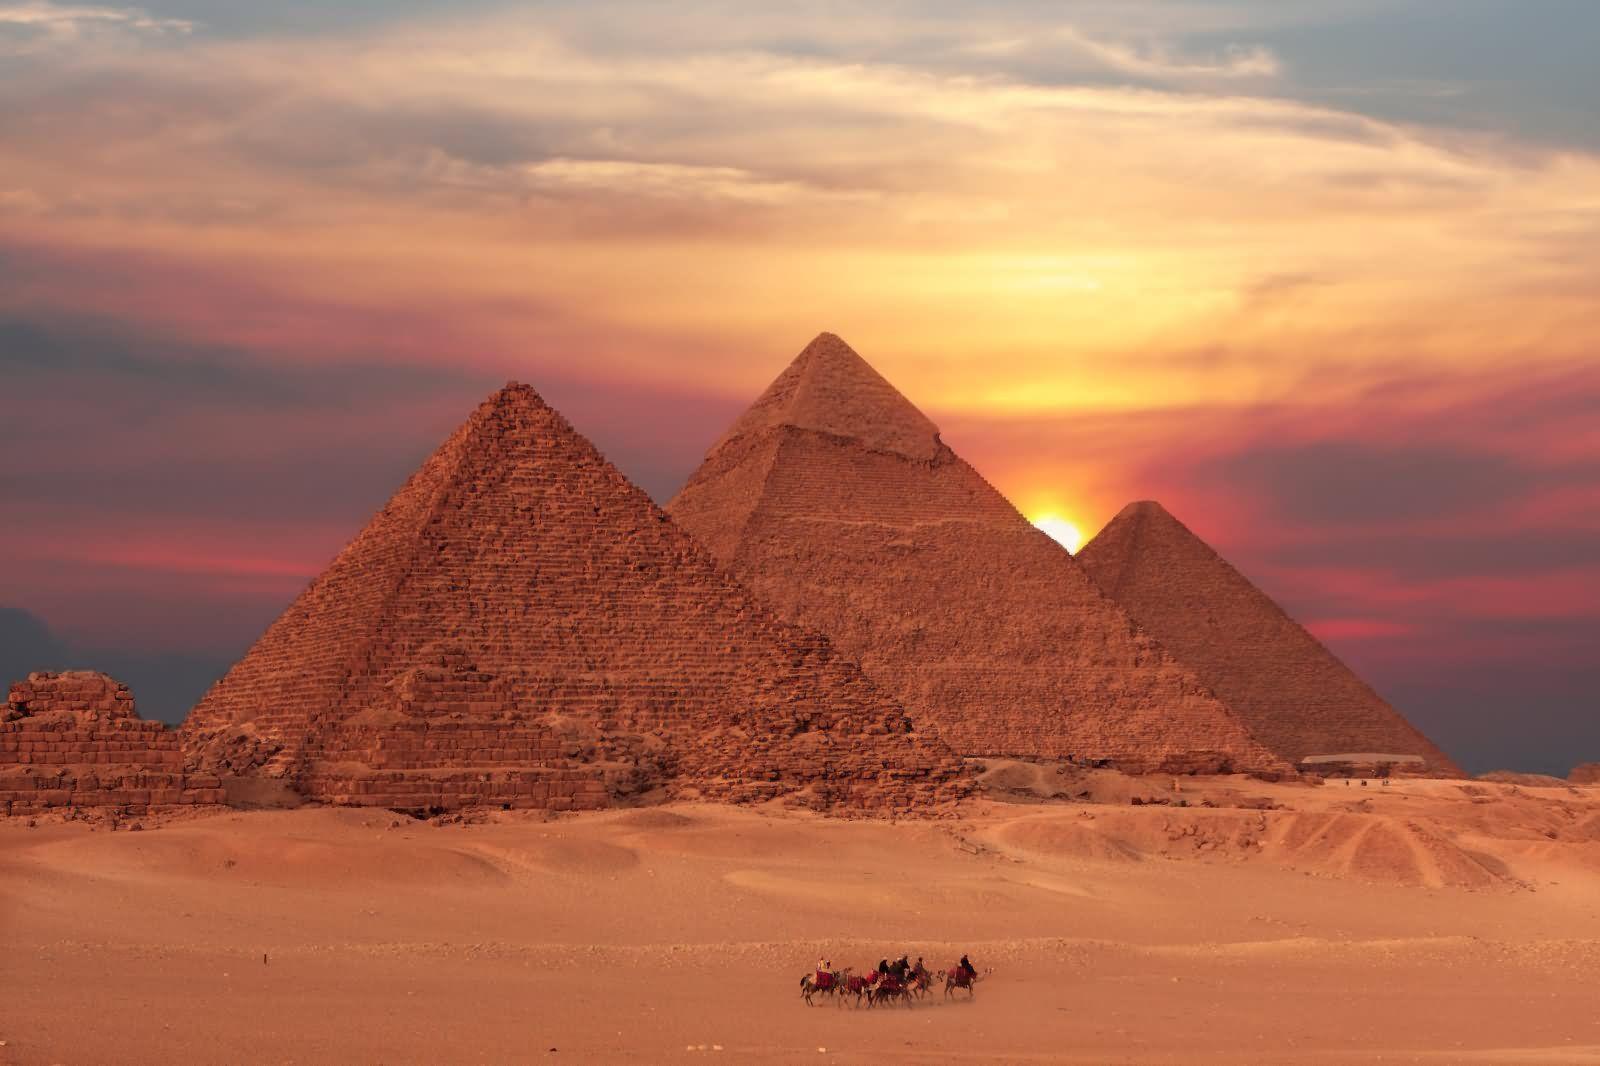 Imagen De Las Piramides De Keops Kefren Y Micerinos Piramides De Egipto Egipto Piramides De Egipto Dibujo